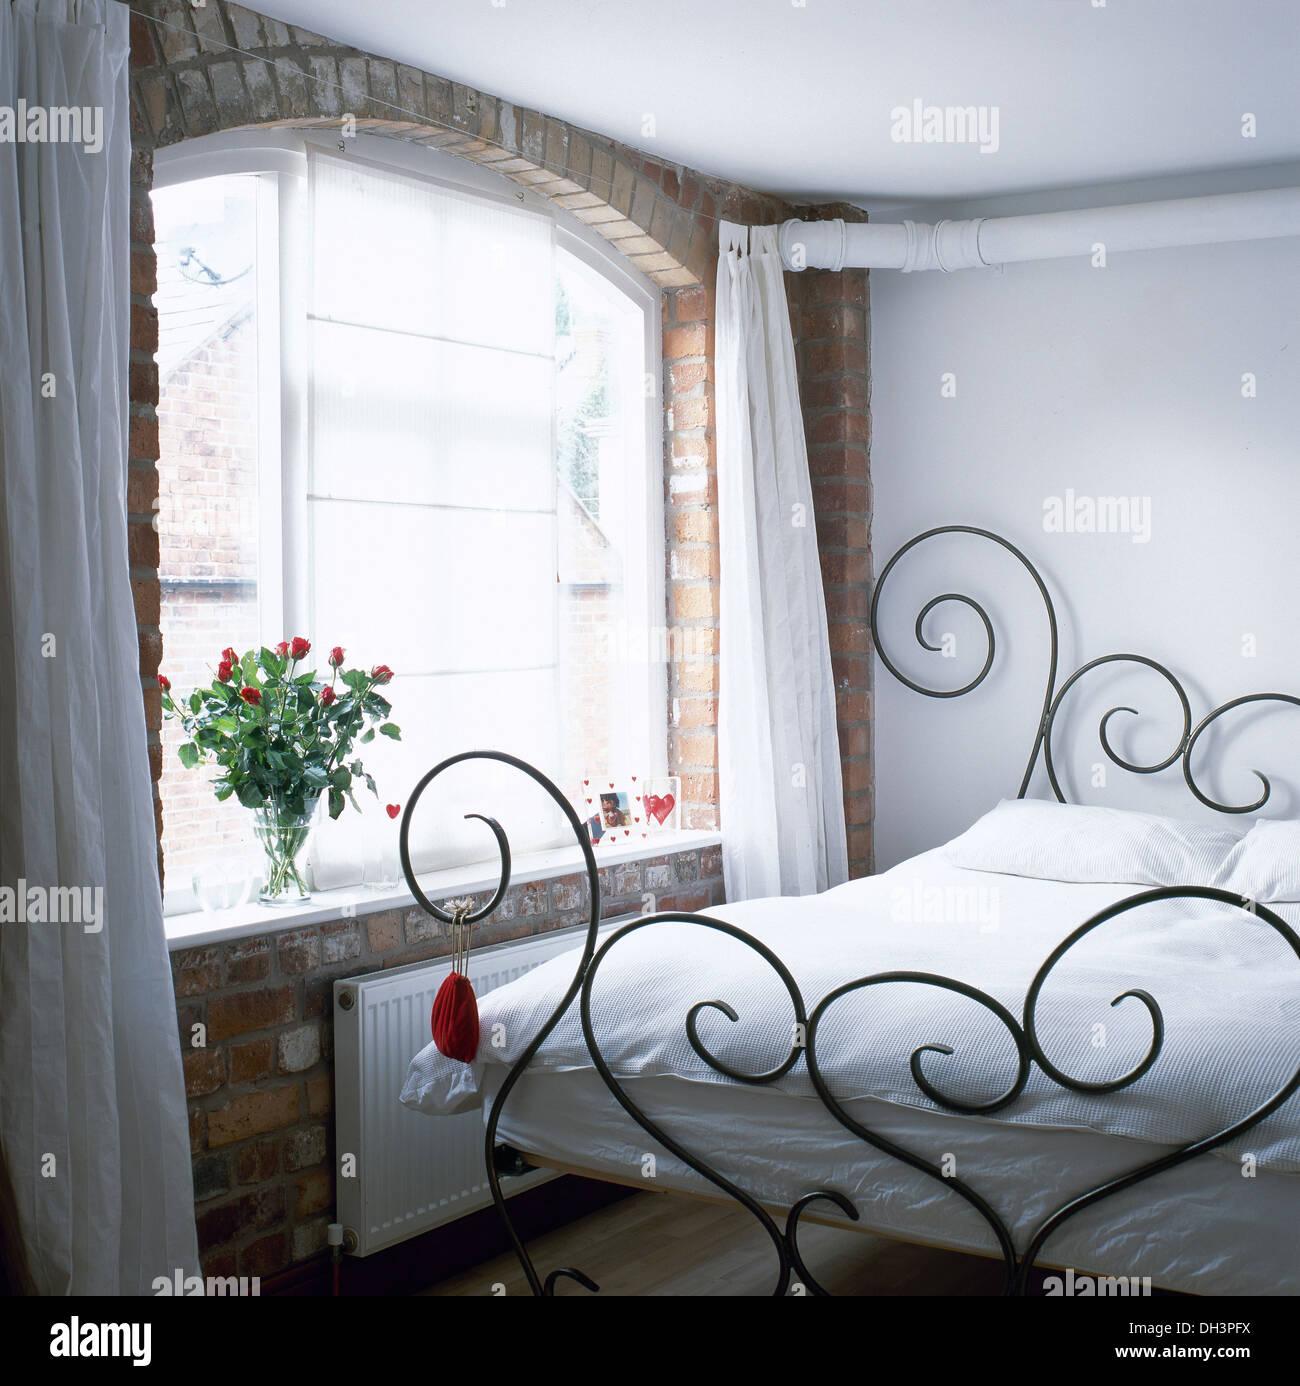 Decorativi in ferro battuto letto con lenzuola bianche in semplice ...